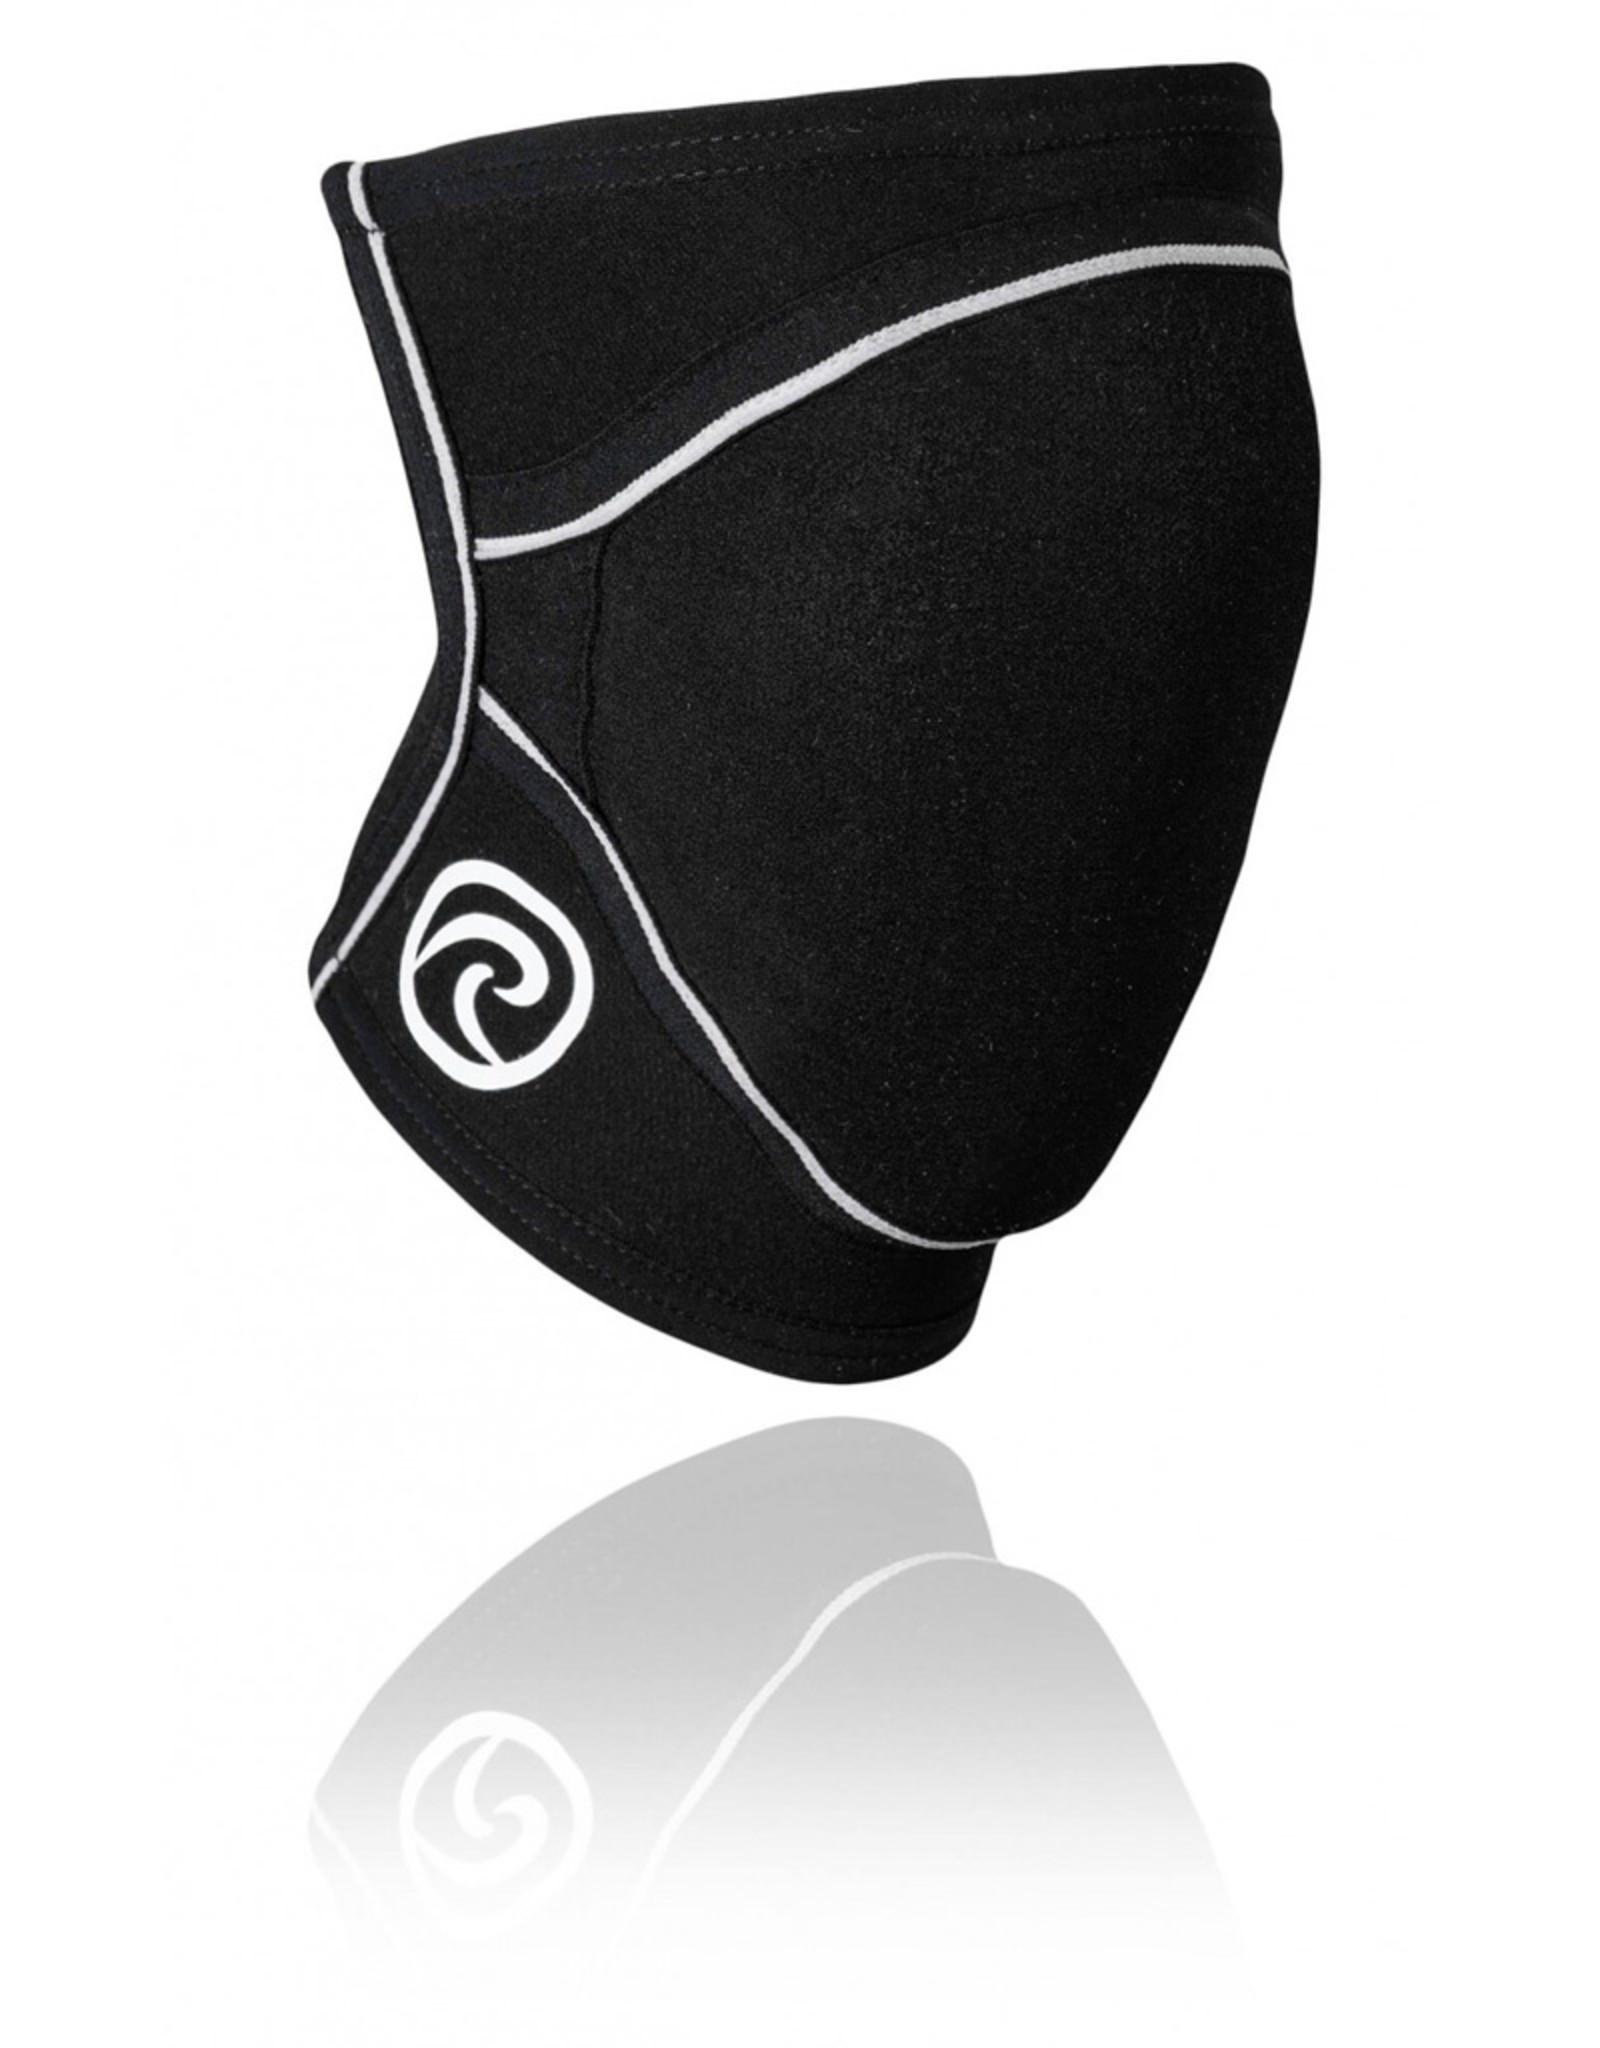 Rehband Prn Knee Pad R Genouillere - Noir